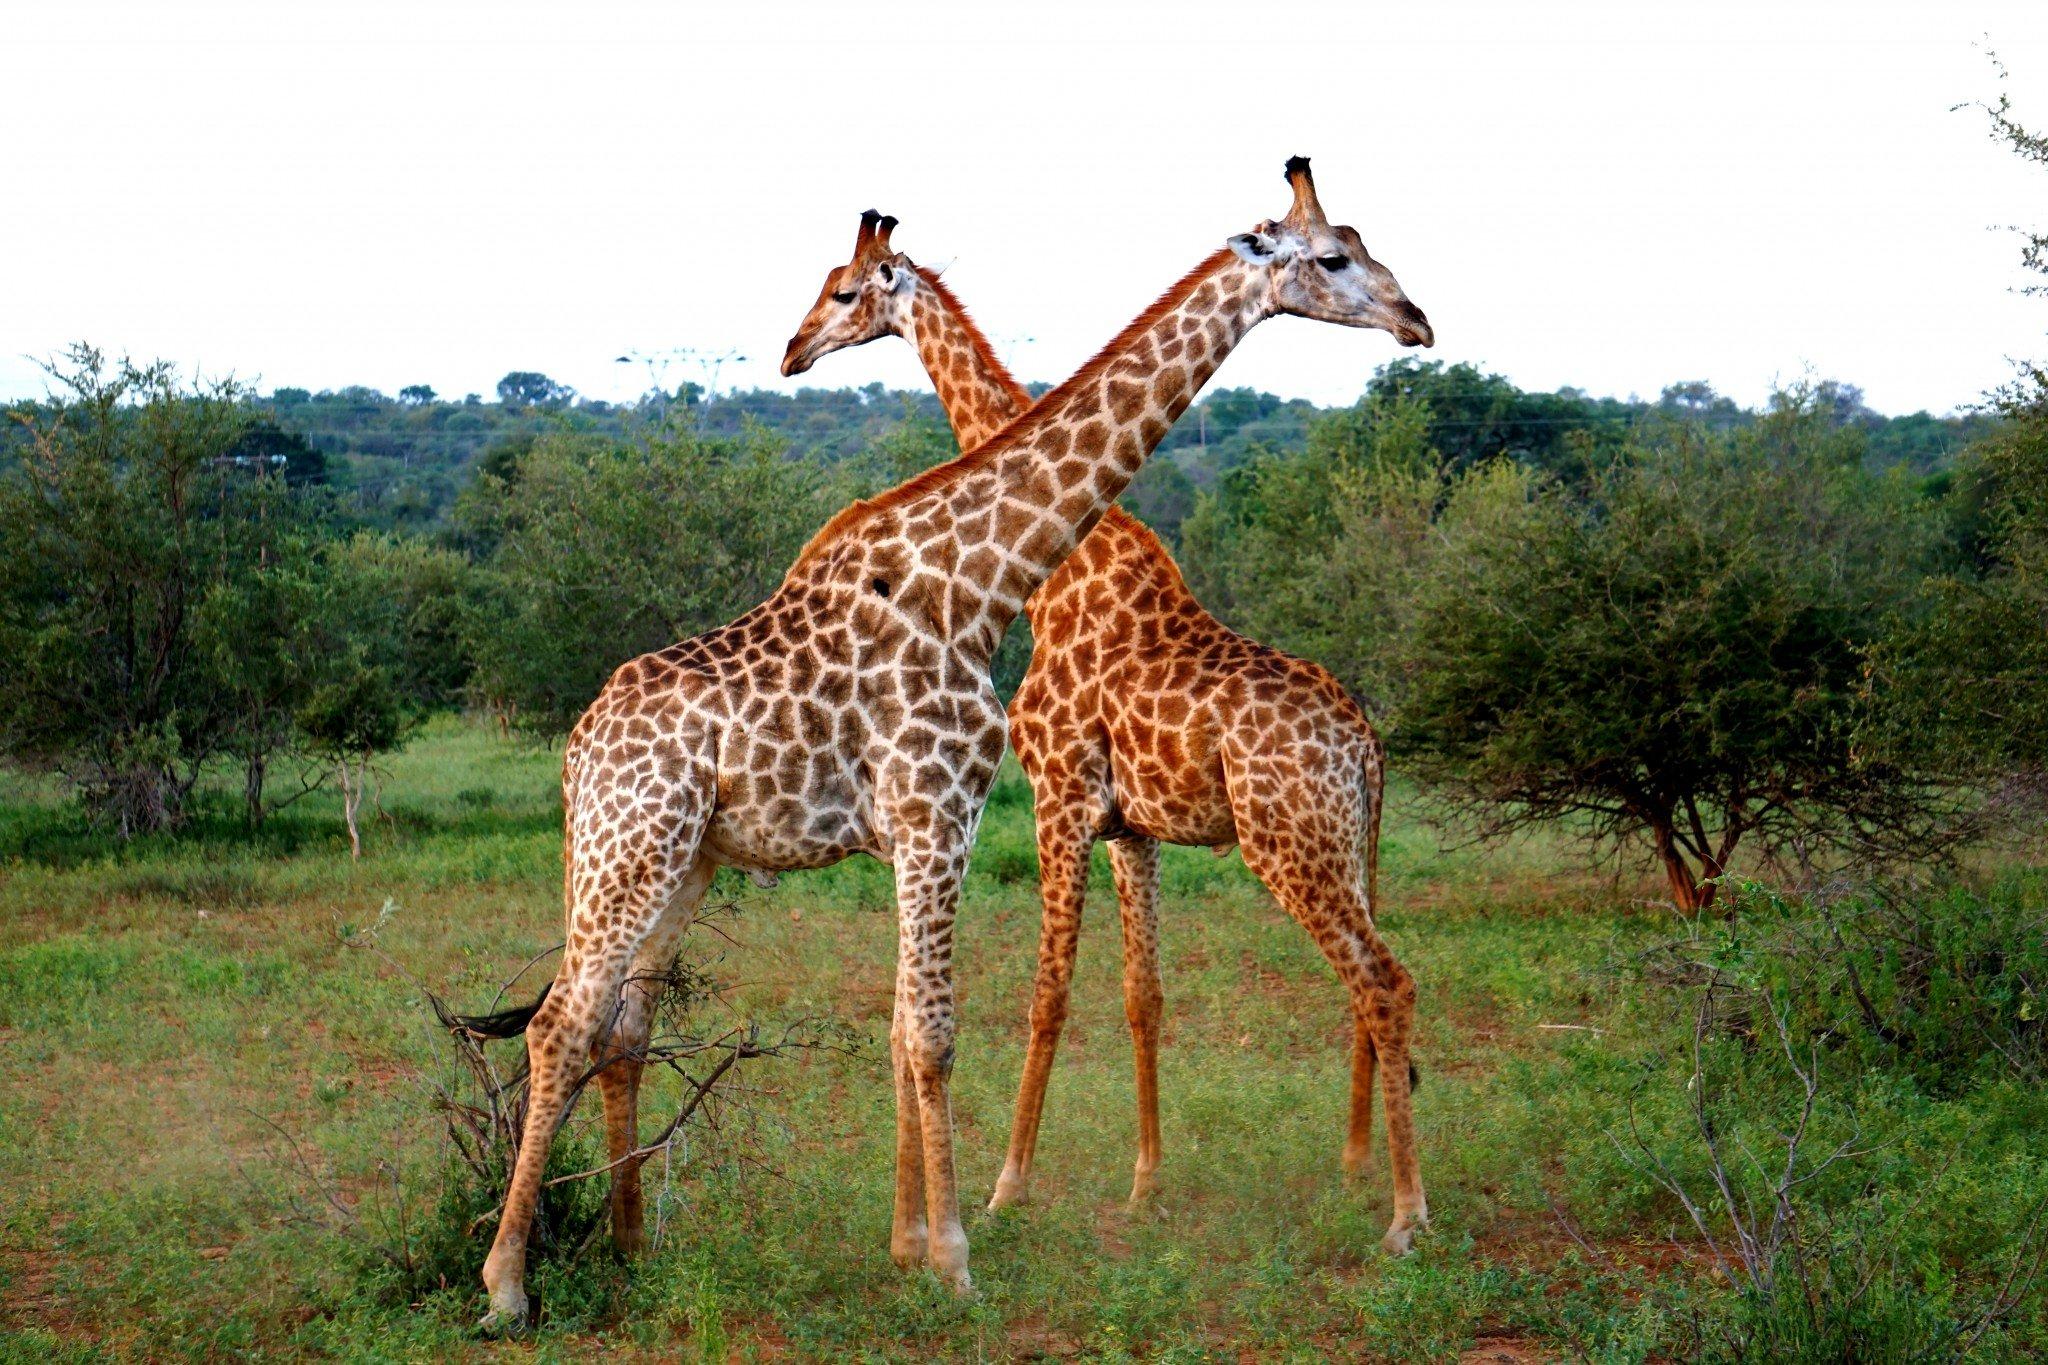 African Wildlife Greater Kruger National Park - Travel ...